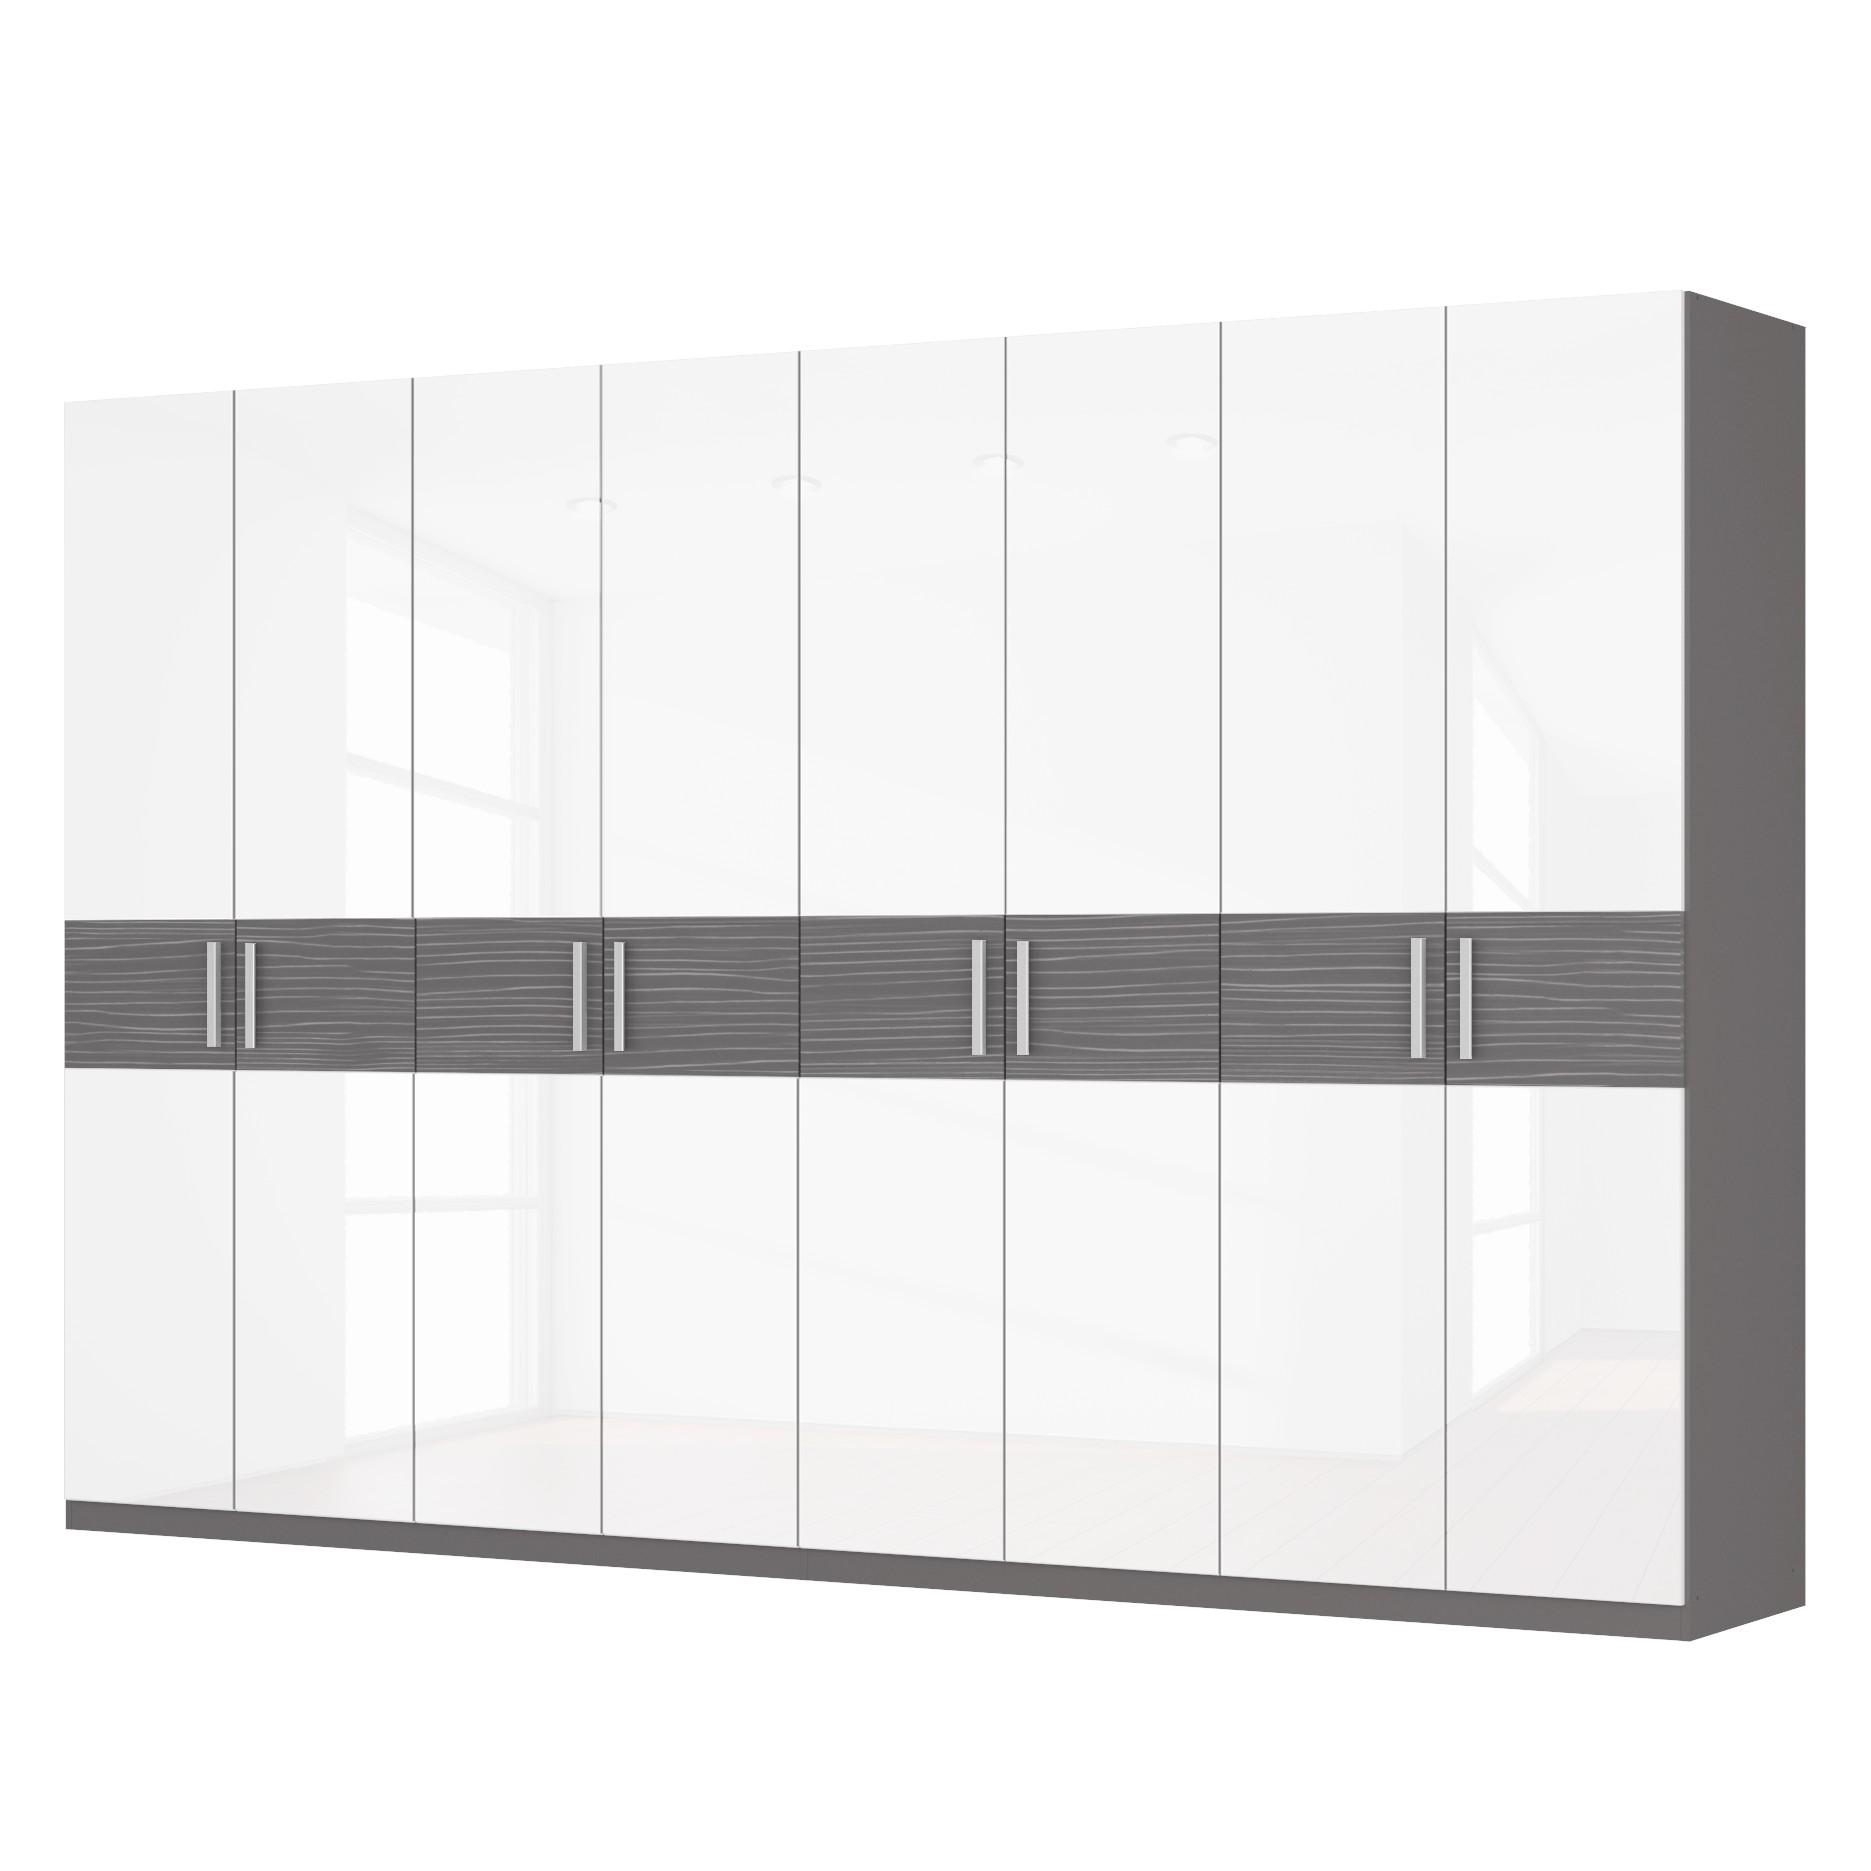 Drehtürenschrank SKØP III – Hochglanz Weiß/ Strukturholz Graphit – 360 cm (8-türig) – 236 cm – Basic, SKØP günstig